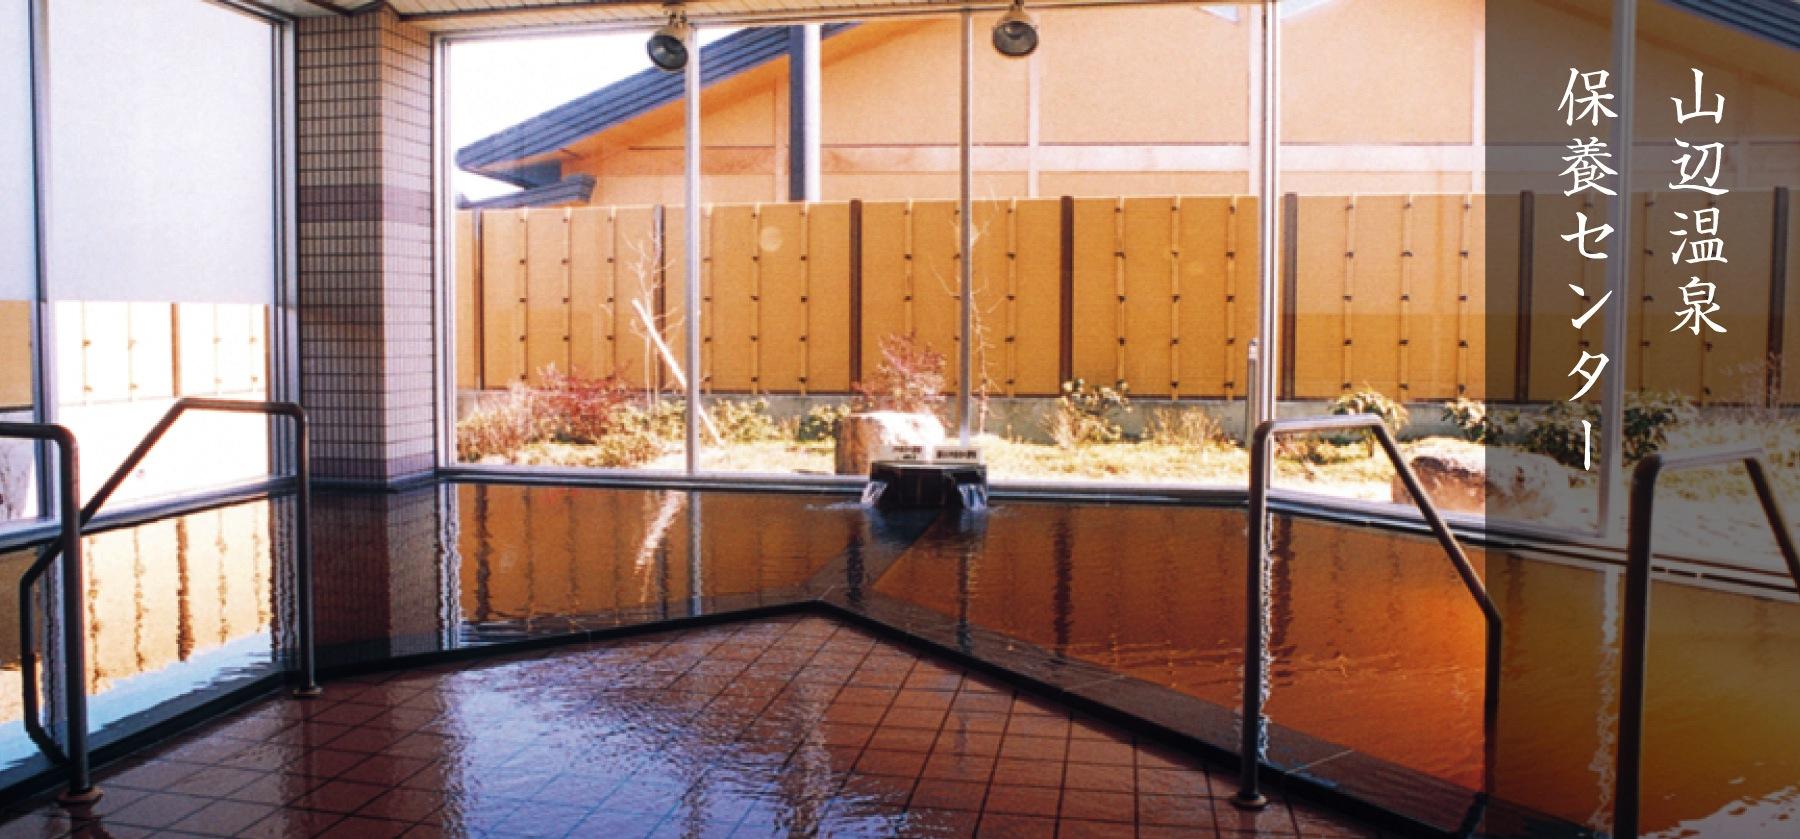 山辺温泉保養センター